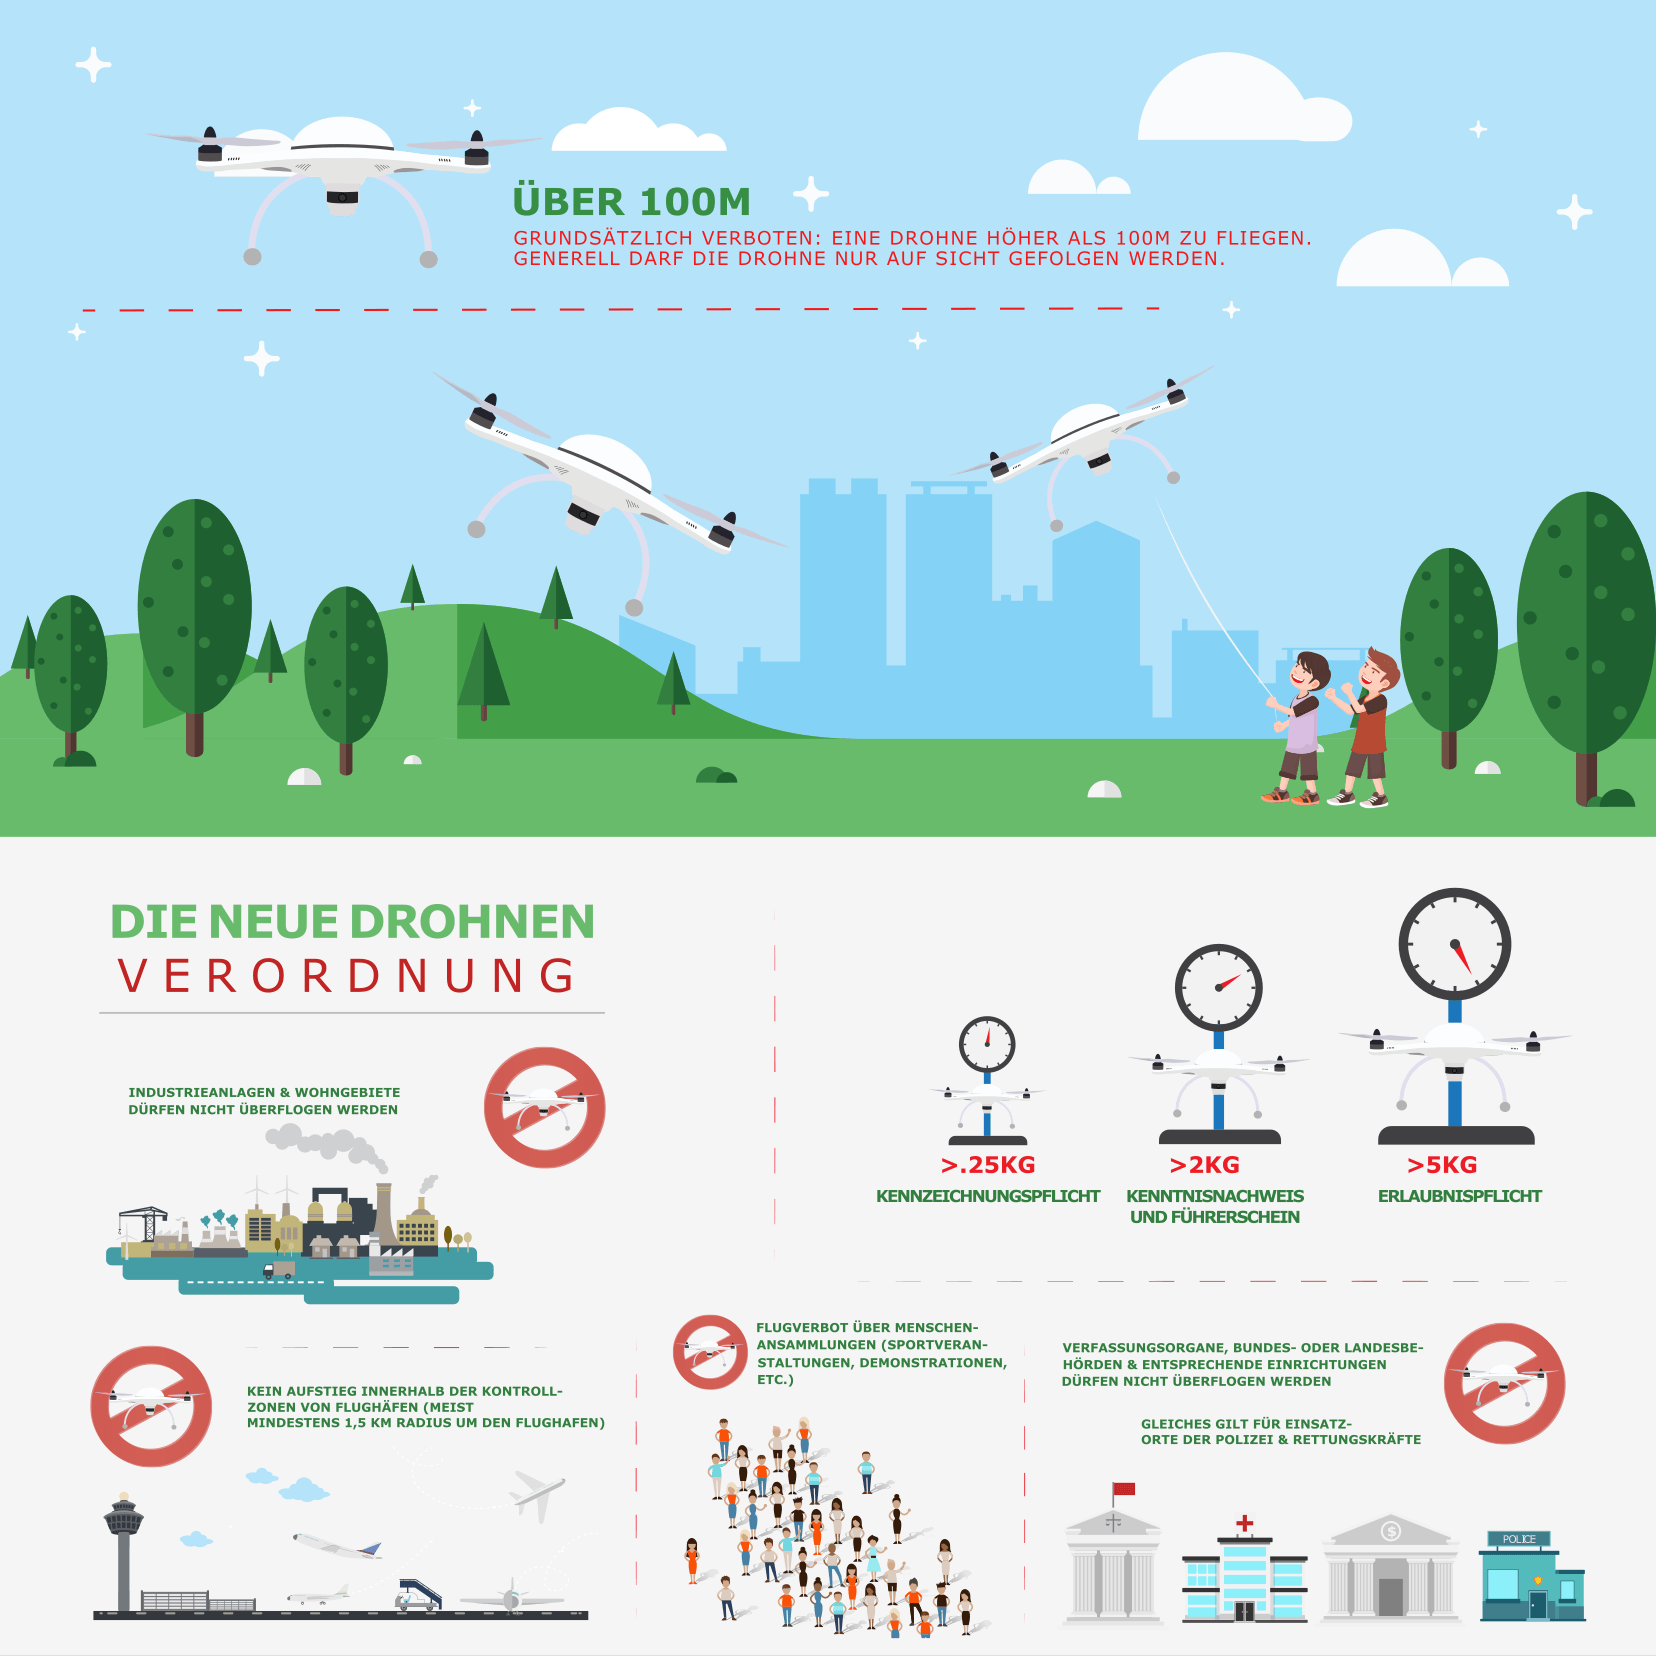 neues-drohnen-gesetz-plaketten-kennzeichnung-fuehrerschein